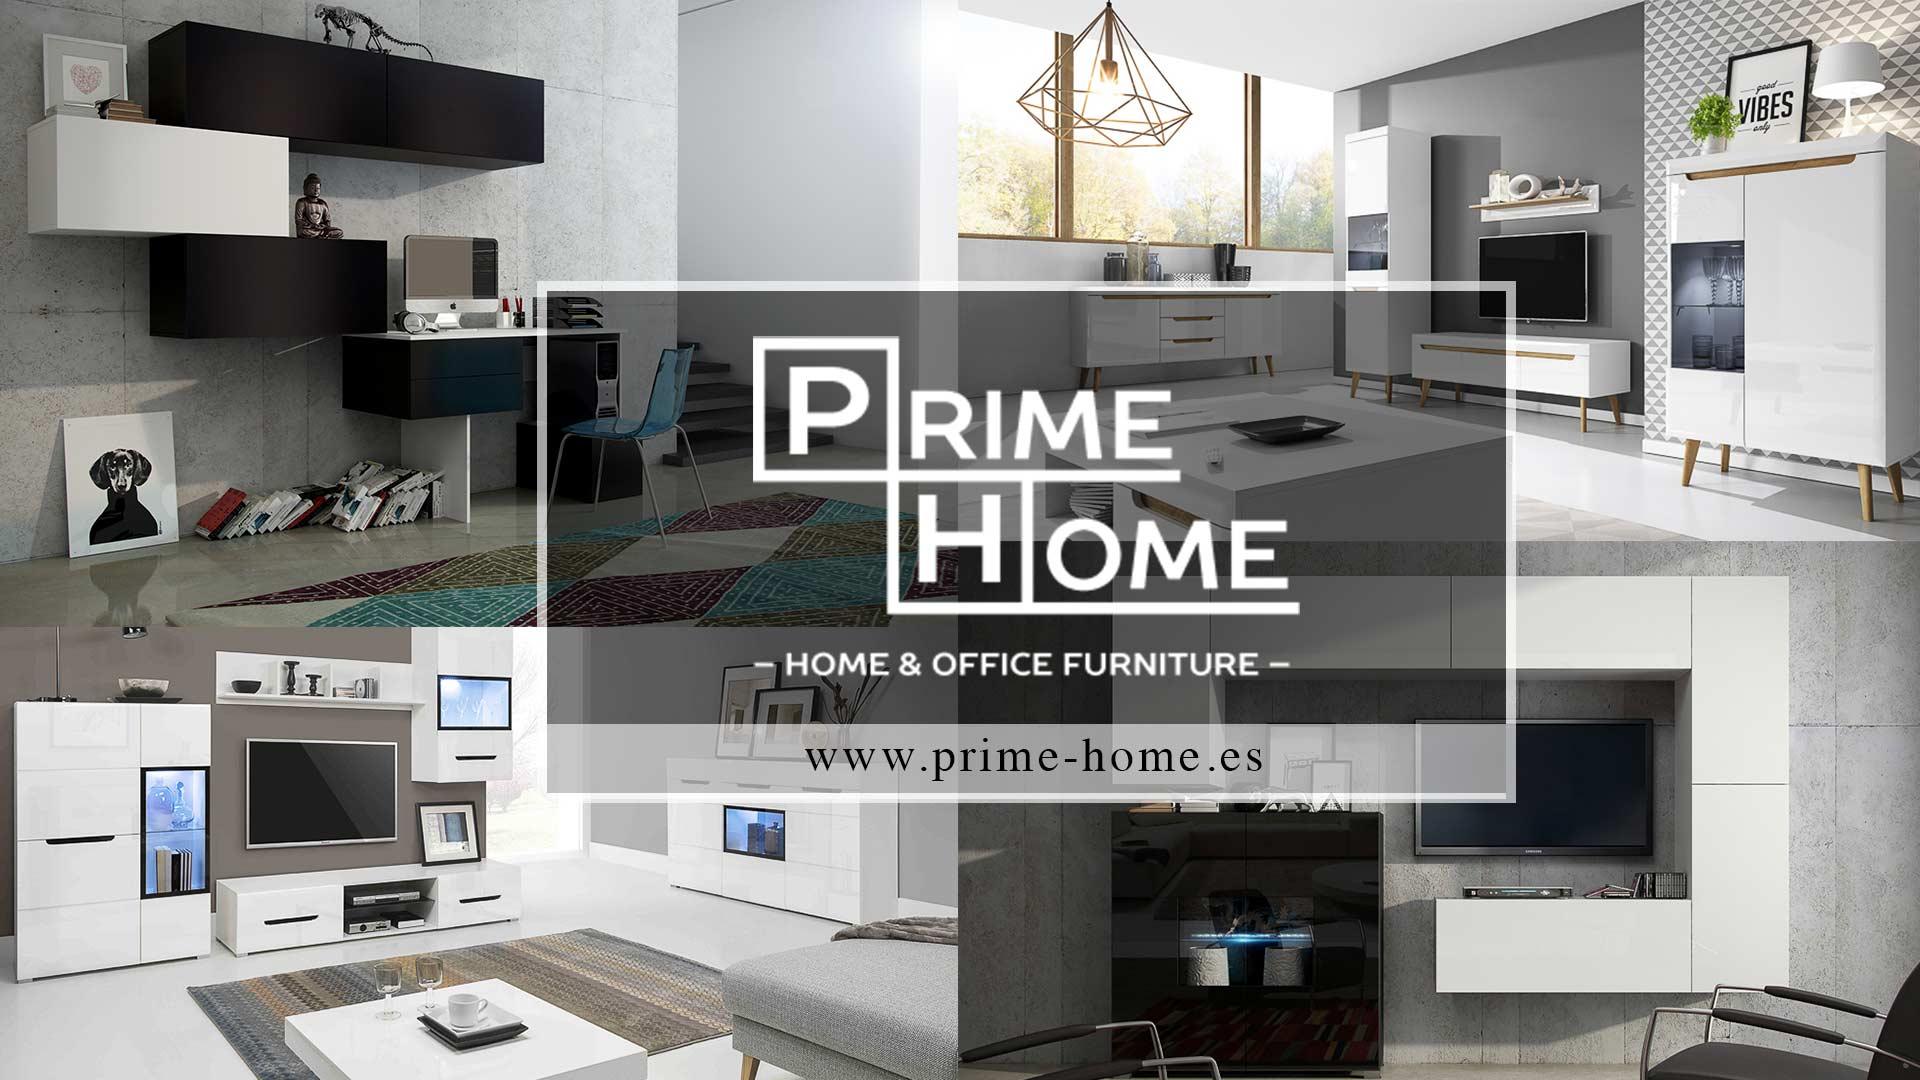 prime home deutschland m bel f r haus und b ro. Black Bedroom Furniture Sets. Home Design Ideas